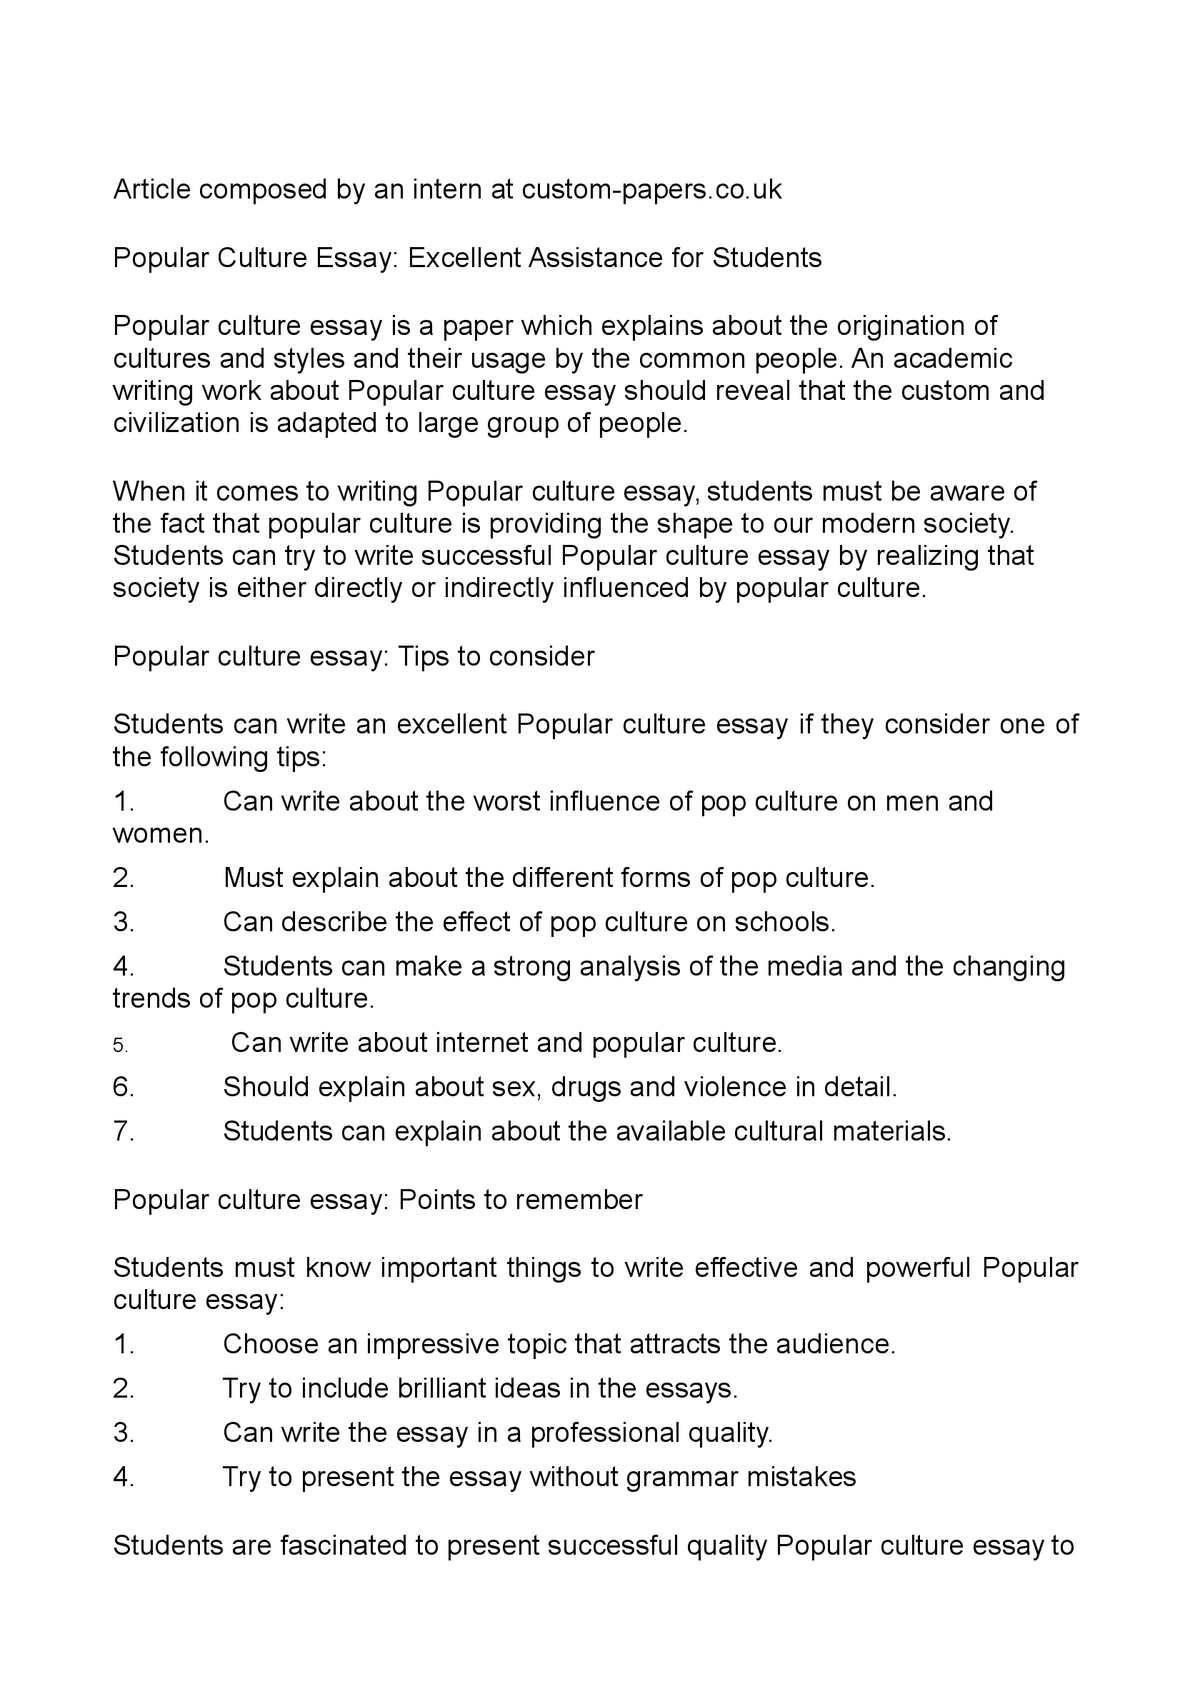 calamo   popular culture essay excellent assistance for students popular culture essay excellent assistance for students